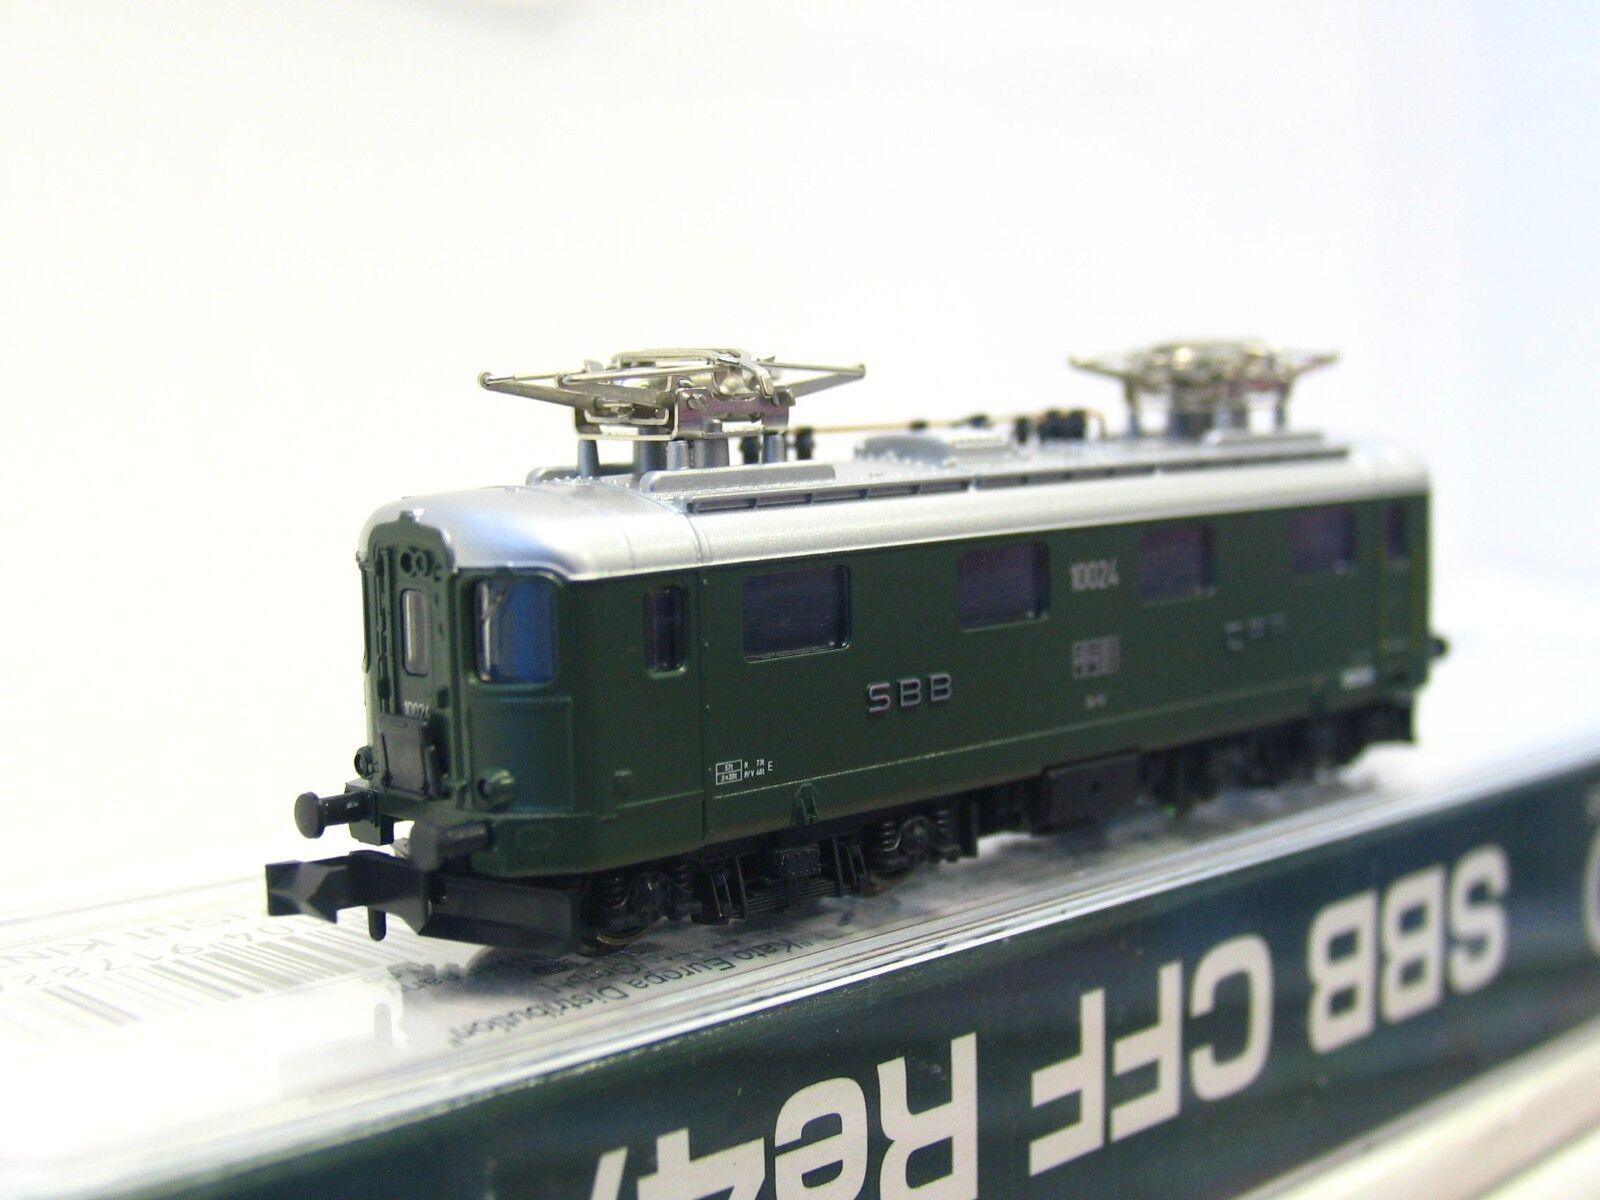 Kato N 11603 E-Lok Re 4 4 10024 SBB CFF OVP (V6070)